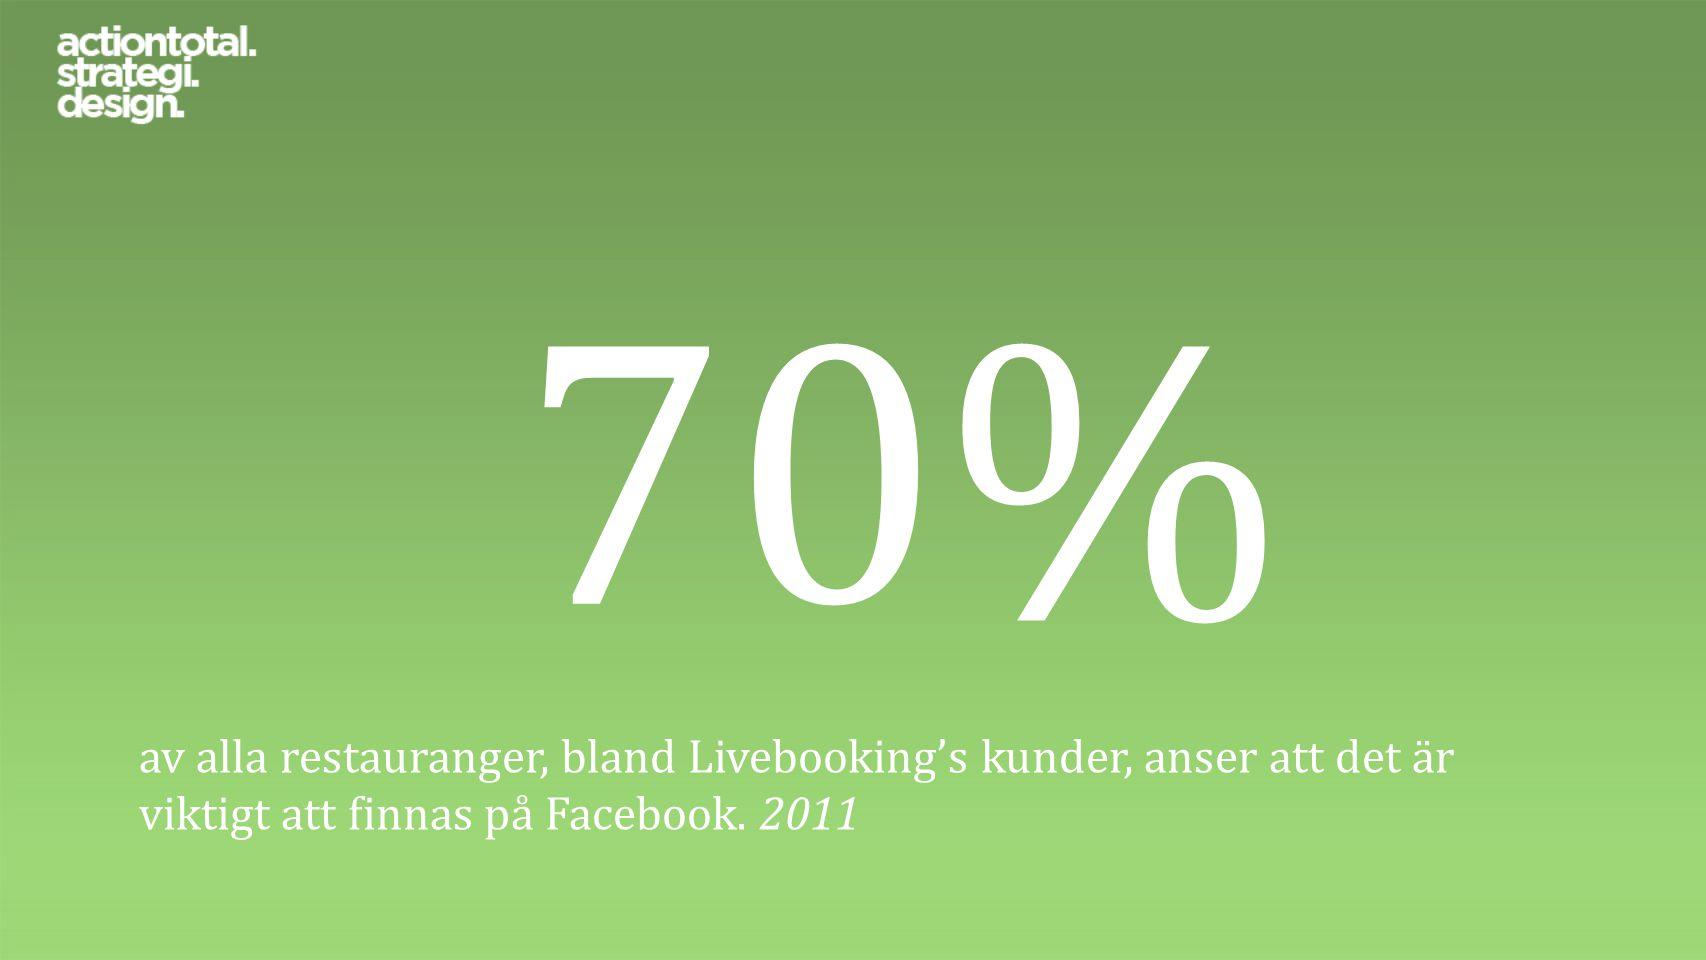 70% av alla restauranger, bland Livebooking's kunder, anser att det är viktigt att finnas på Facebook. 2011